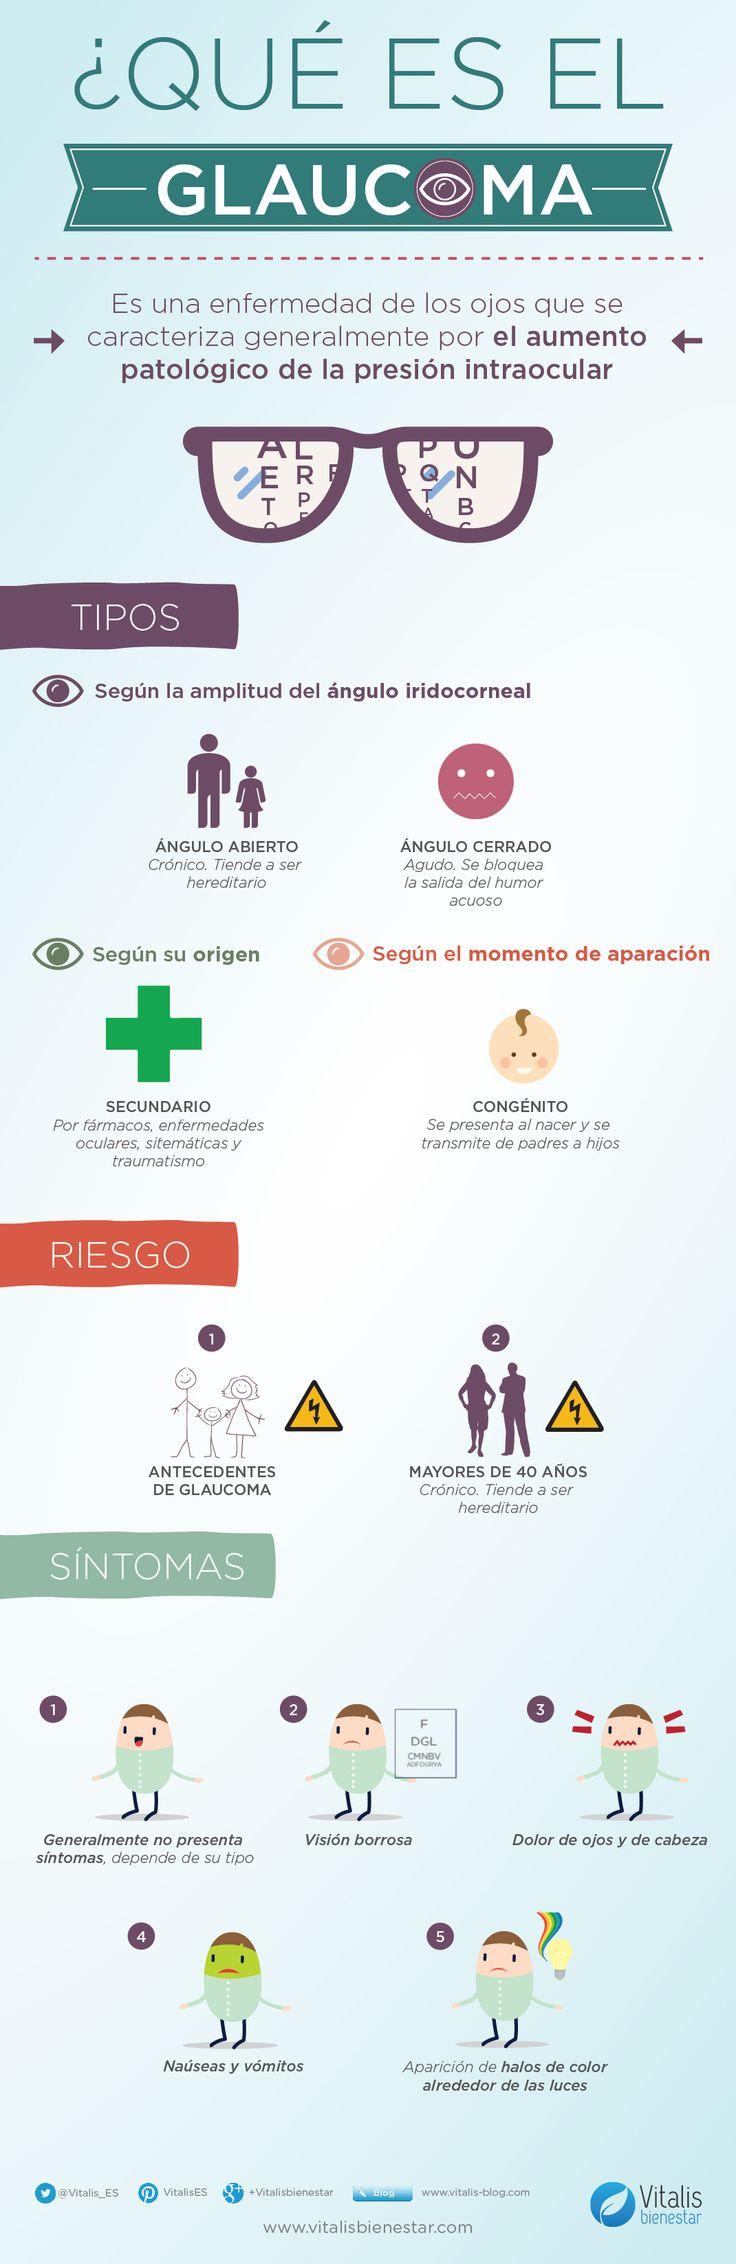 Interesante infografía sobre el glaucoma:  Origen, riesgo y síntomas.